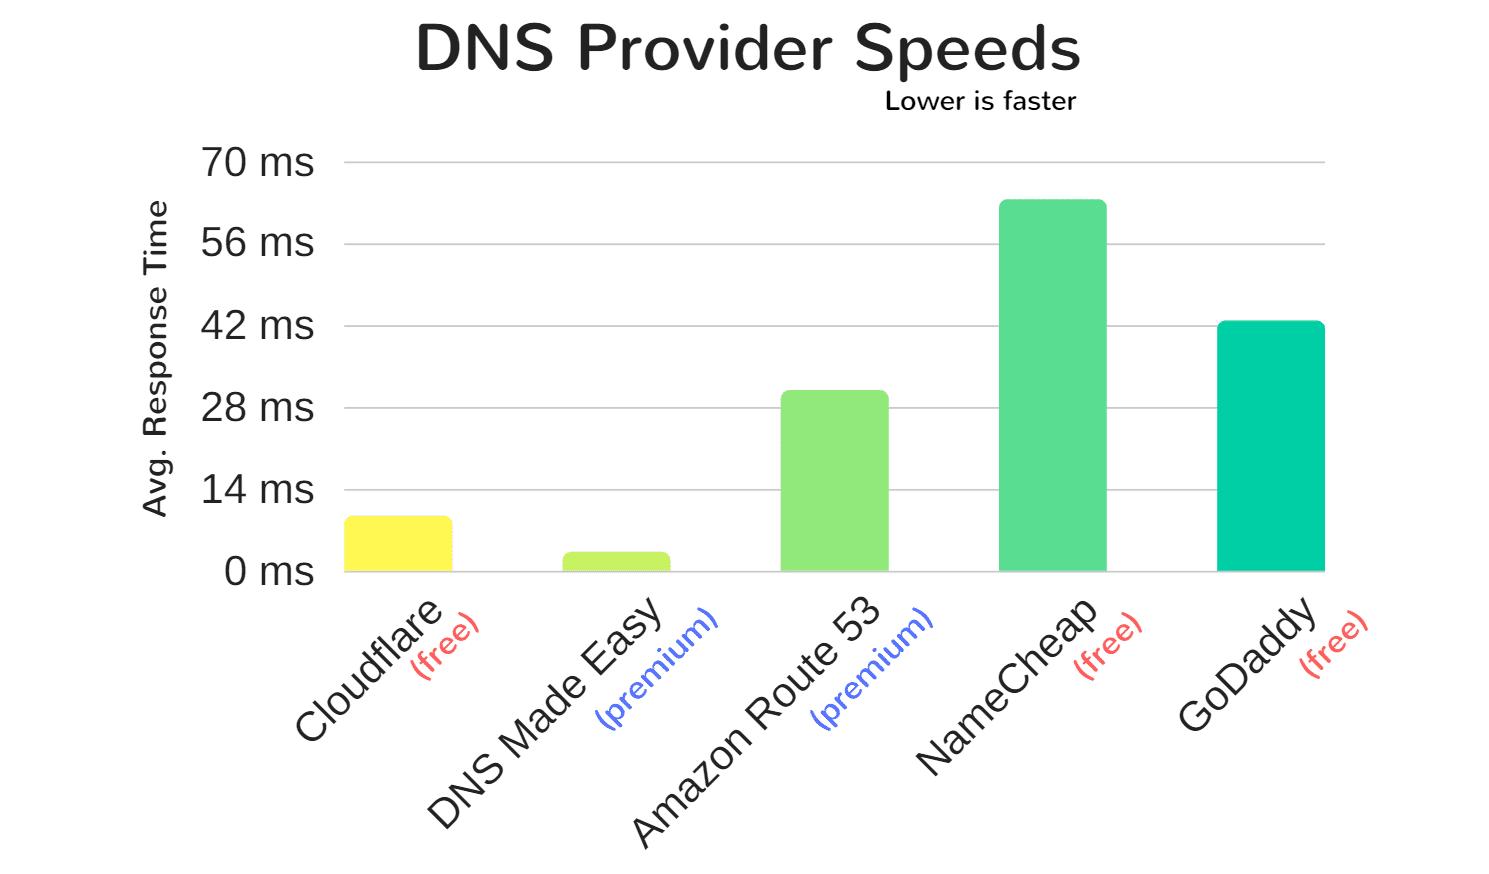 Velocità dei provider DNS